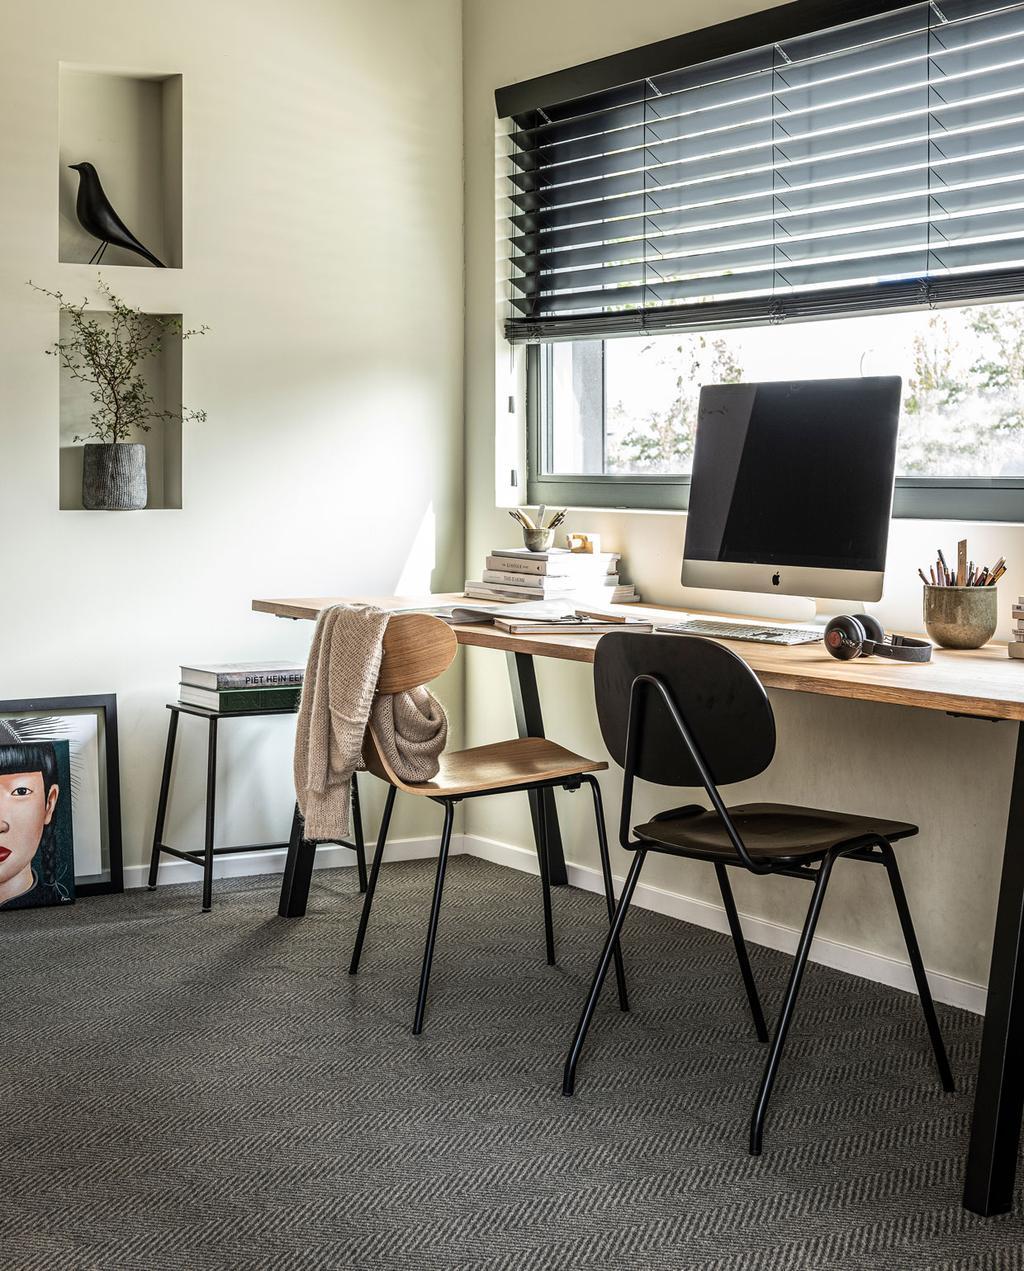 vtwonen 11-2019 | nieuwe vloerkelden & tapijt collectie 2019 werkkamer grijs tapijt